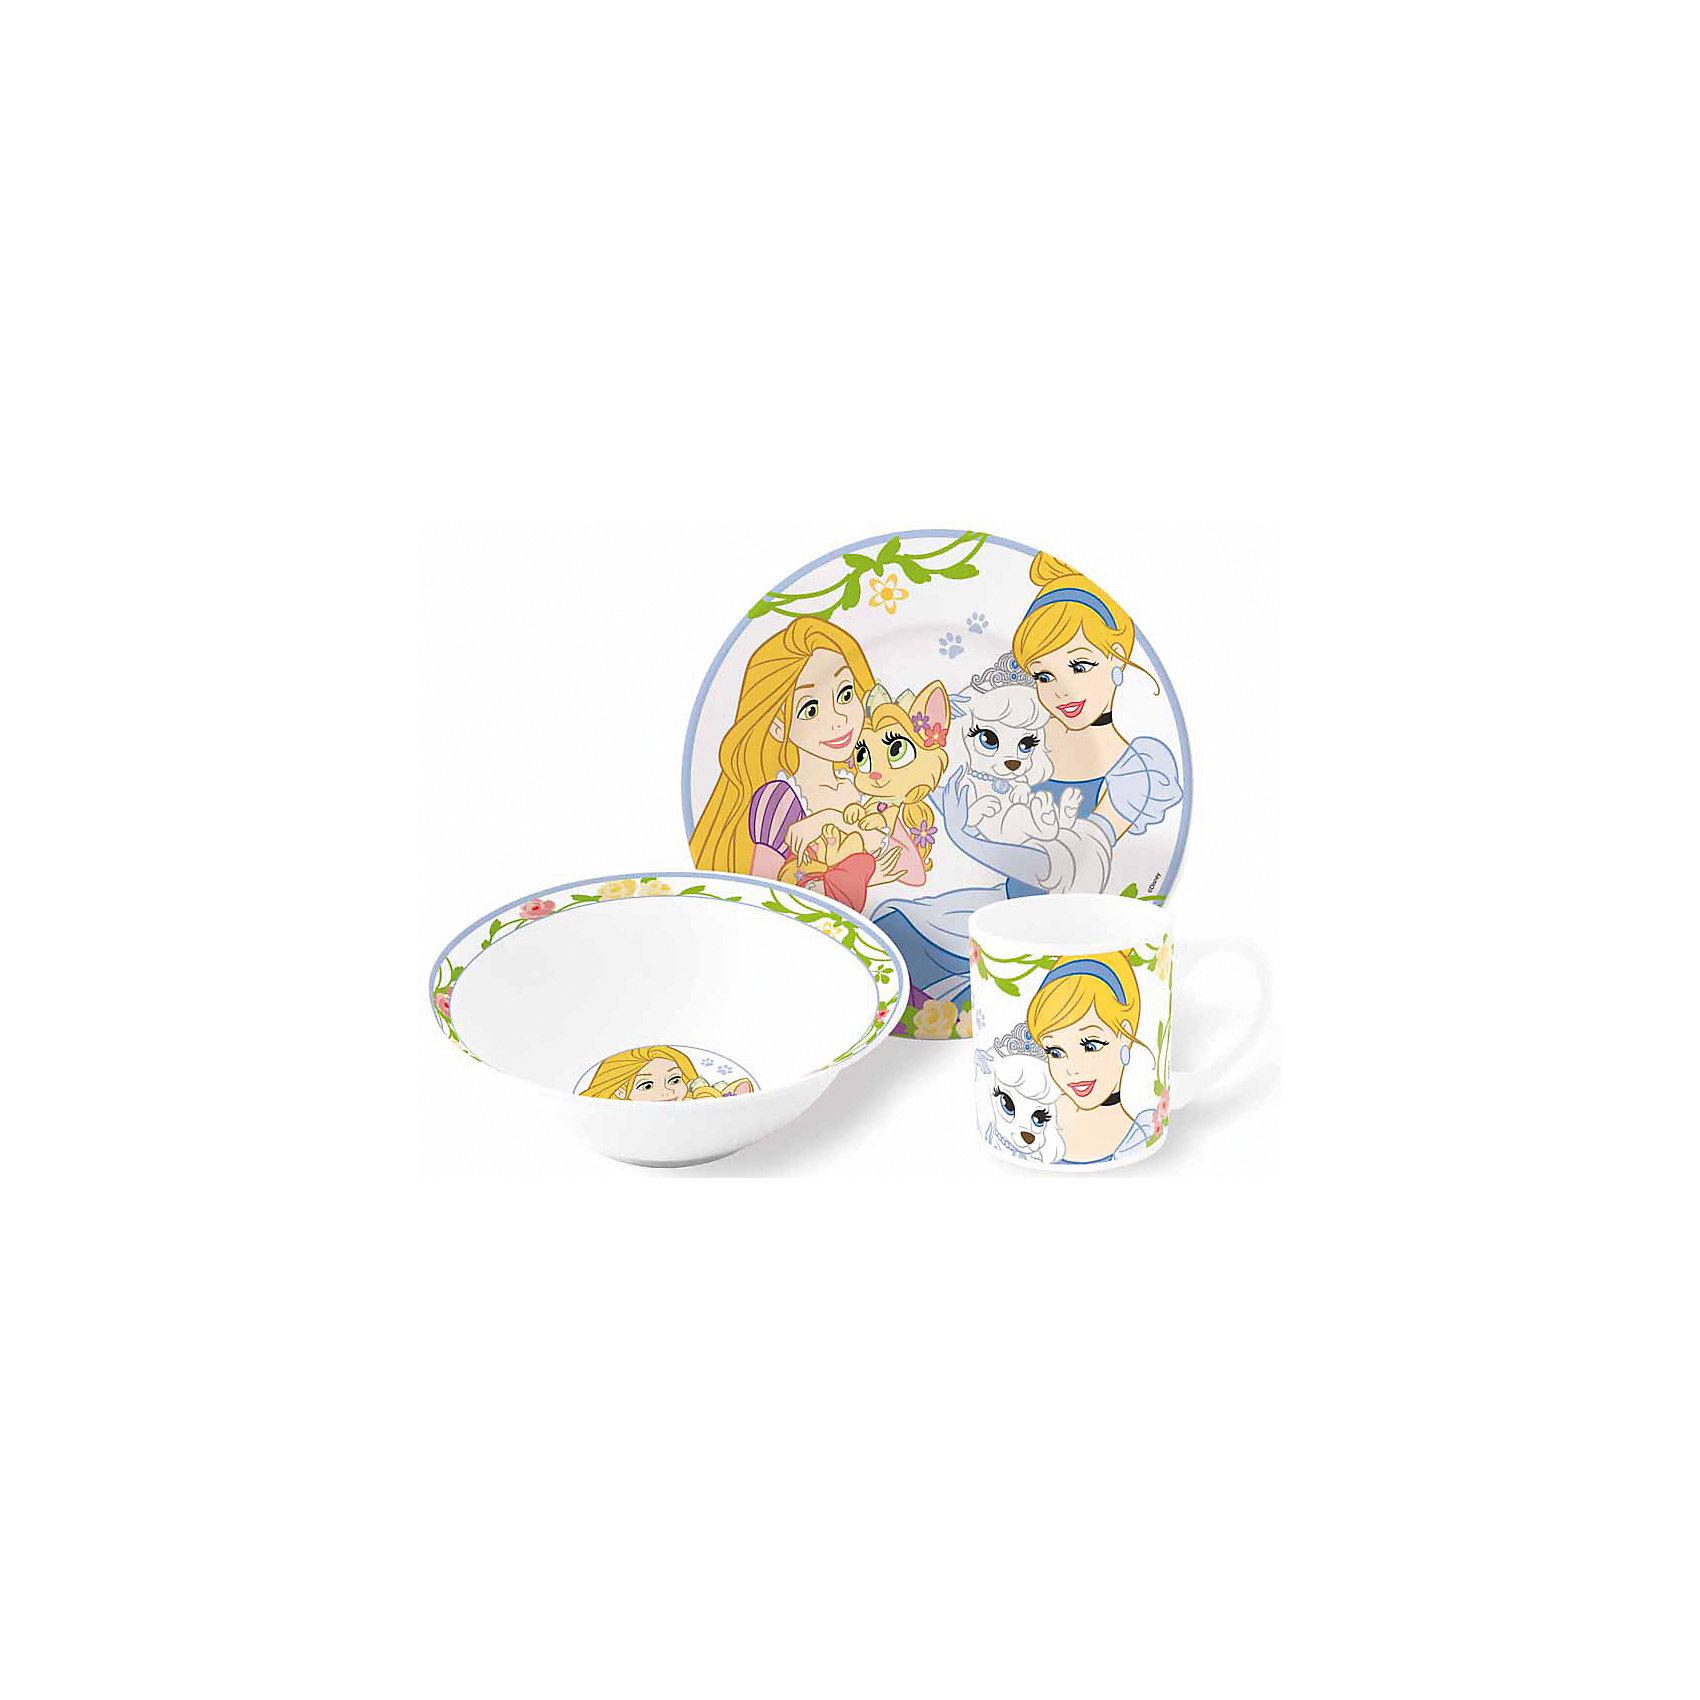 Набор керамической посуды Королевские питомцы (3 предмета)Посуда<br>Набор керамической посуды Королевские питомцы (3 предмета) – прием пищи с любимыми героями.<br>Красочный набор посуды с известными героями понравится ребенку с первого взгляда. Сервиз сделан из крепкой керамики, поэтому он безопасен для детей. Его можно мыть в посудомоечной машине или разогревать в микроволновке. Состоит набор из двух тарелок (для супа и второго) и объемной кружки. Подойдет для подарка, благодаря красивому оформлению. <br><br><br>Дополнительно:<br><br>- размер: тарелка – 19см, суповая тарелка – 18см, кружка – 210мл<br>- материал: керамика<br>- возраст: от 3 лет<br><br>Набор керамической посуды Королевские питомцы (3 предмета) можно купить в нашем интернет магазине.<br><br>Ширина мм: 250<br>Глубина мм: 85<br>Высота мм: 200<br>Вес г: 973<br>Возраст от месяцев: 36<br>Возраст до месяцев: 120<br>Пол: Женский<br>Возраст: Детский<br>SKU: 4940681